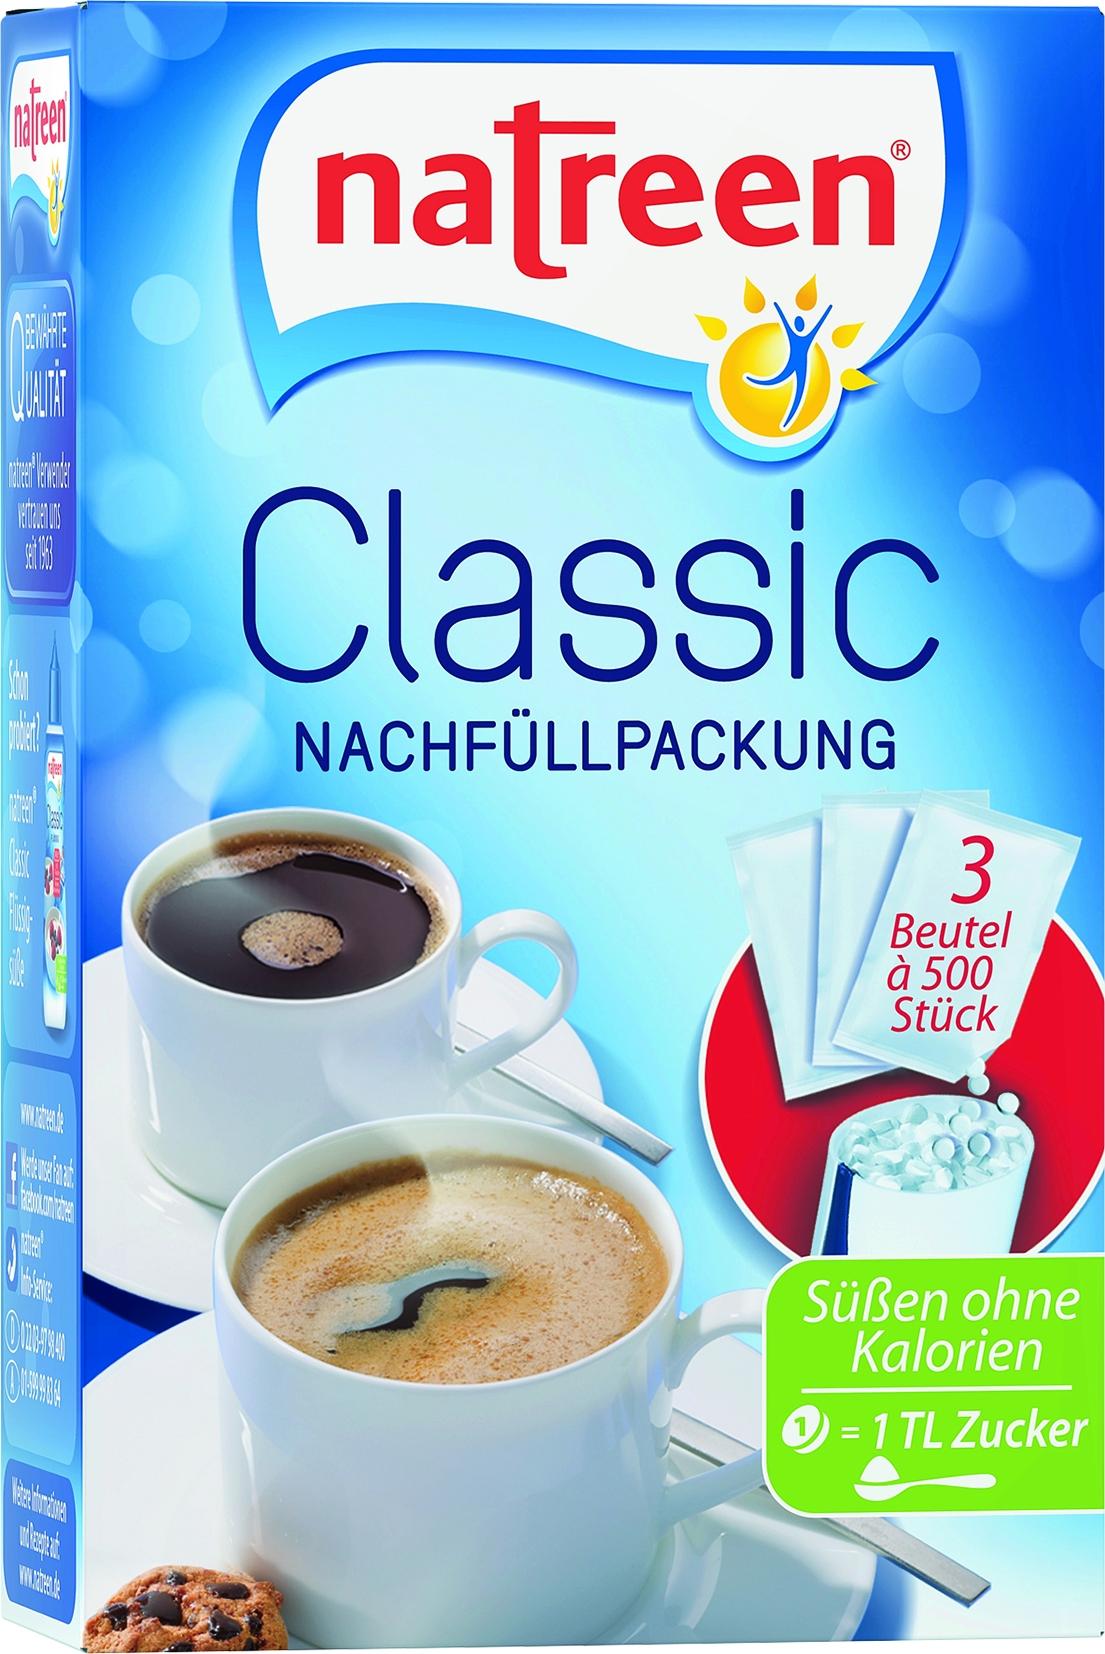 Diaetsuesse Nachfuellpackung 3x500St.